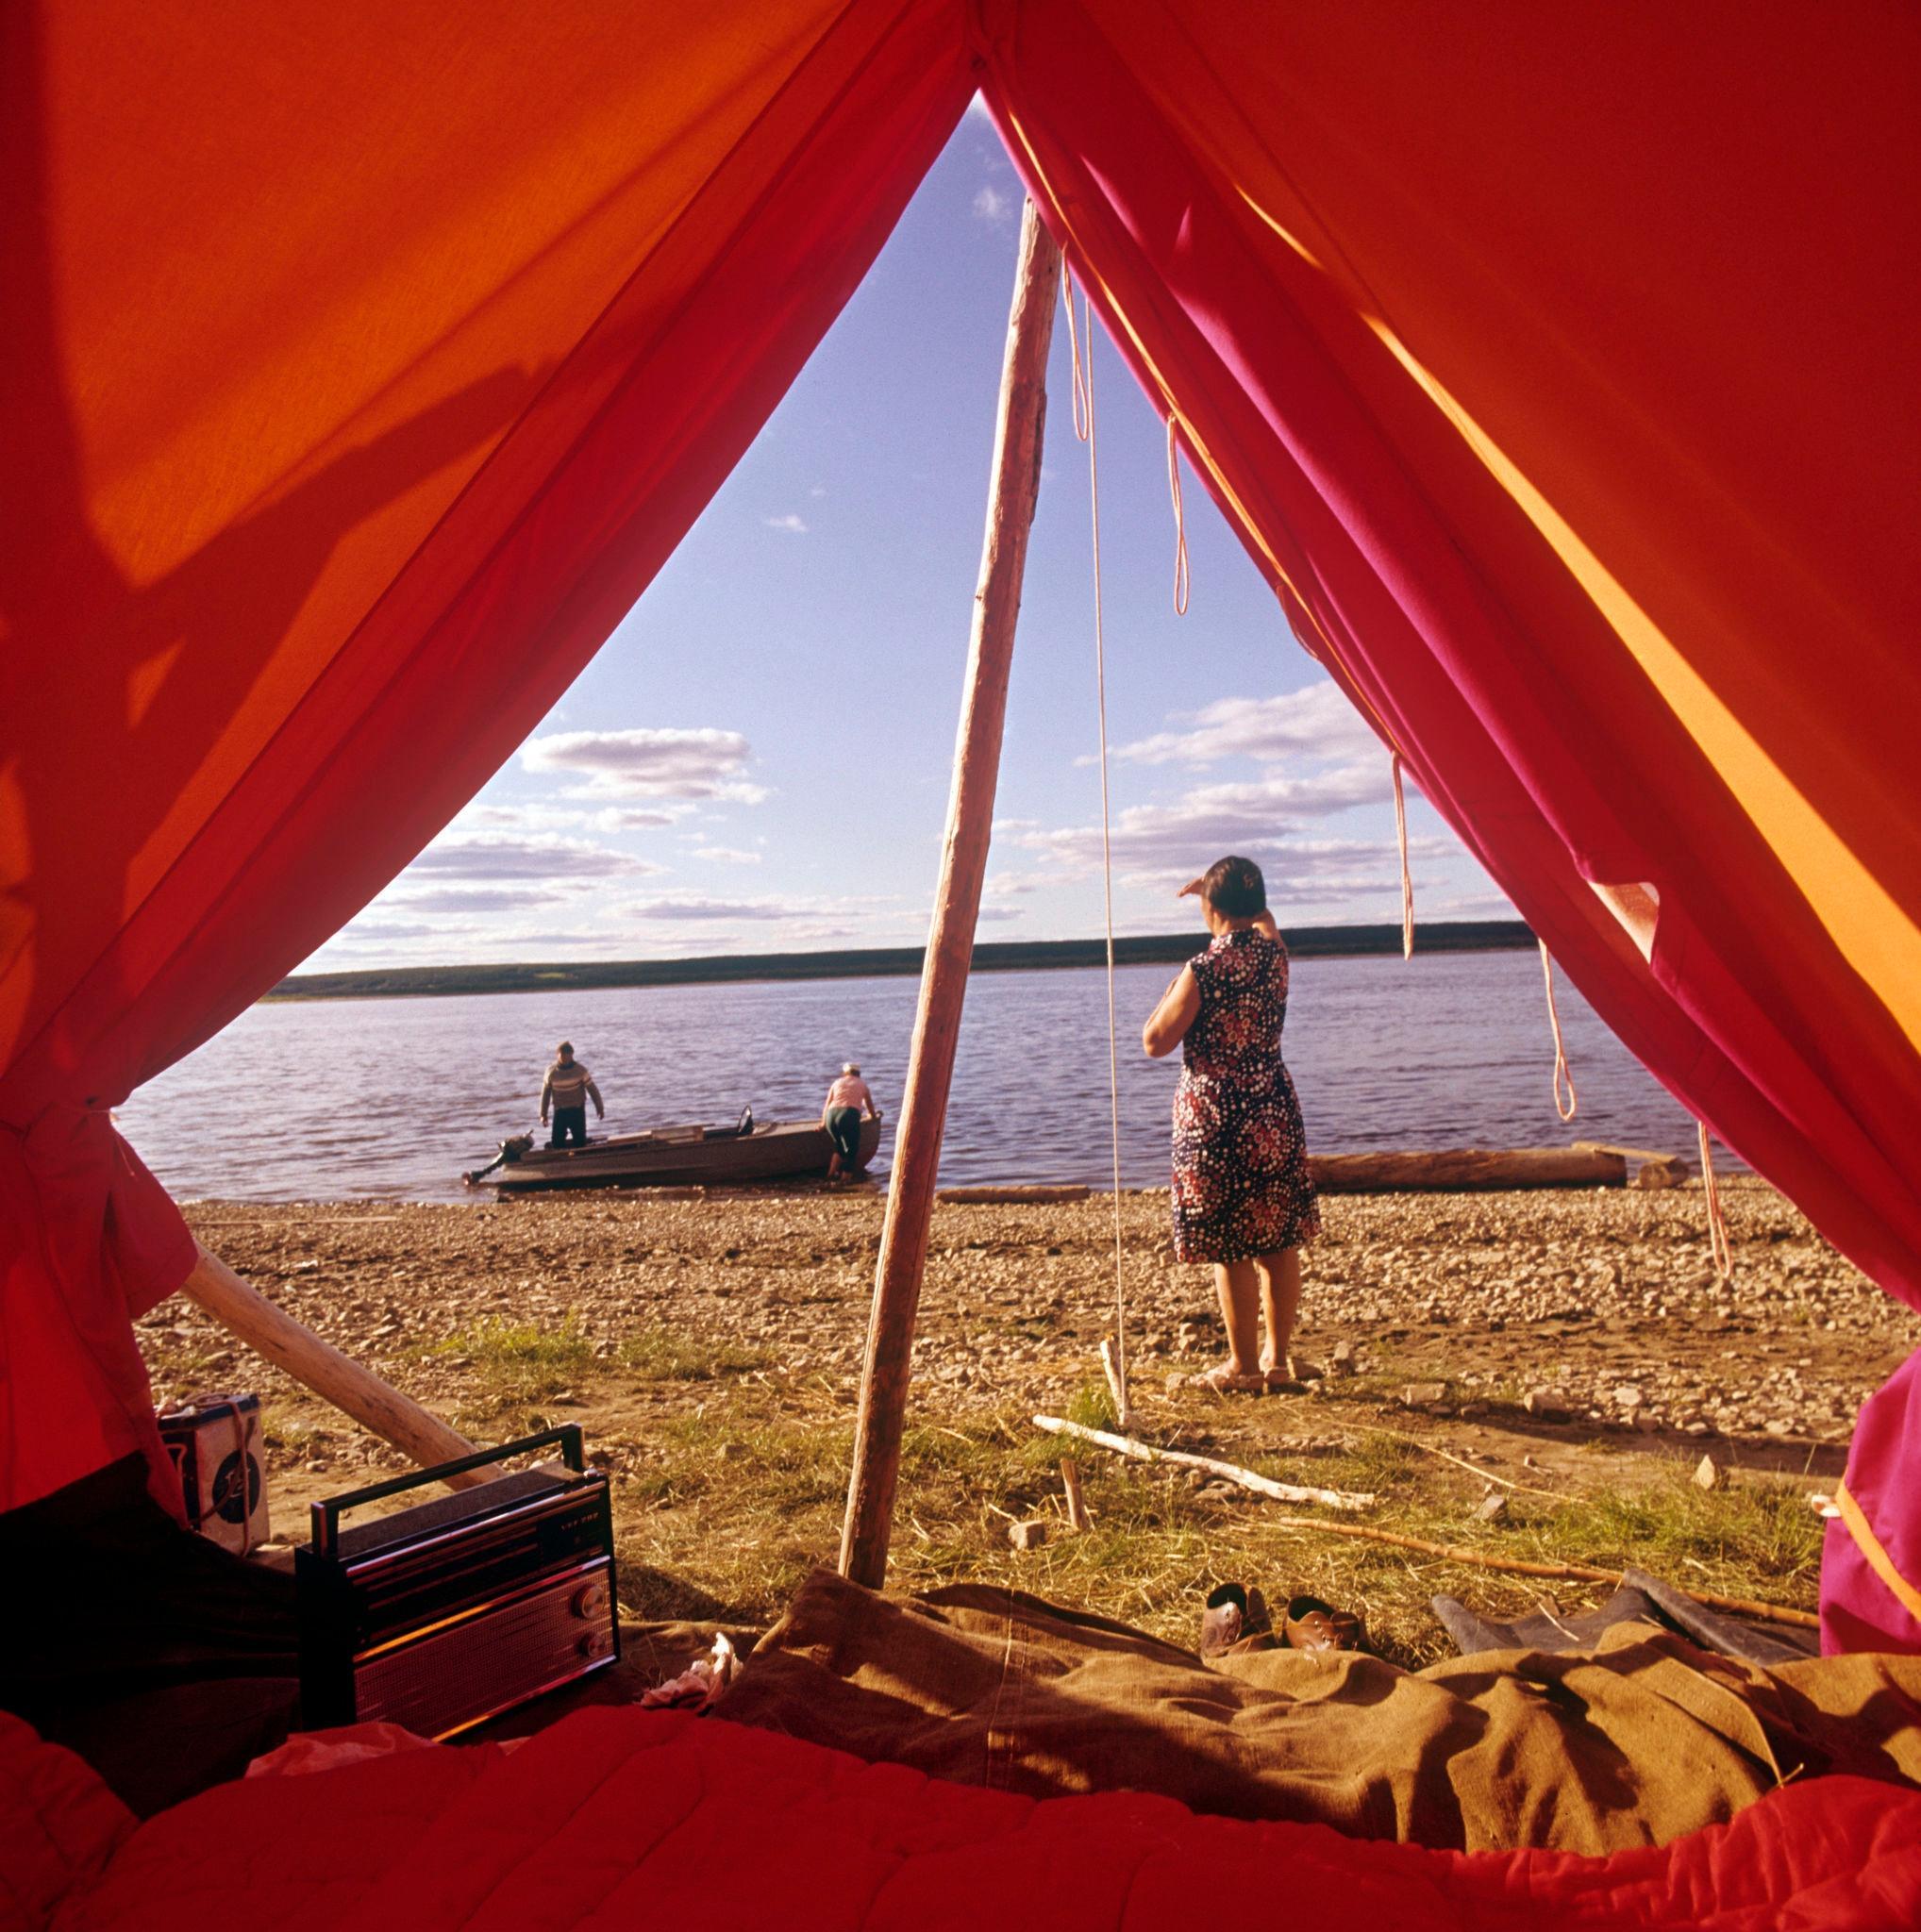 1970-е. Красная палатка туристов на побережье Лены